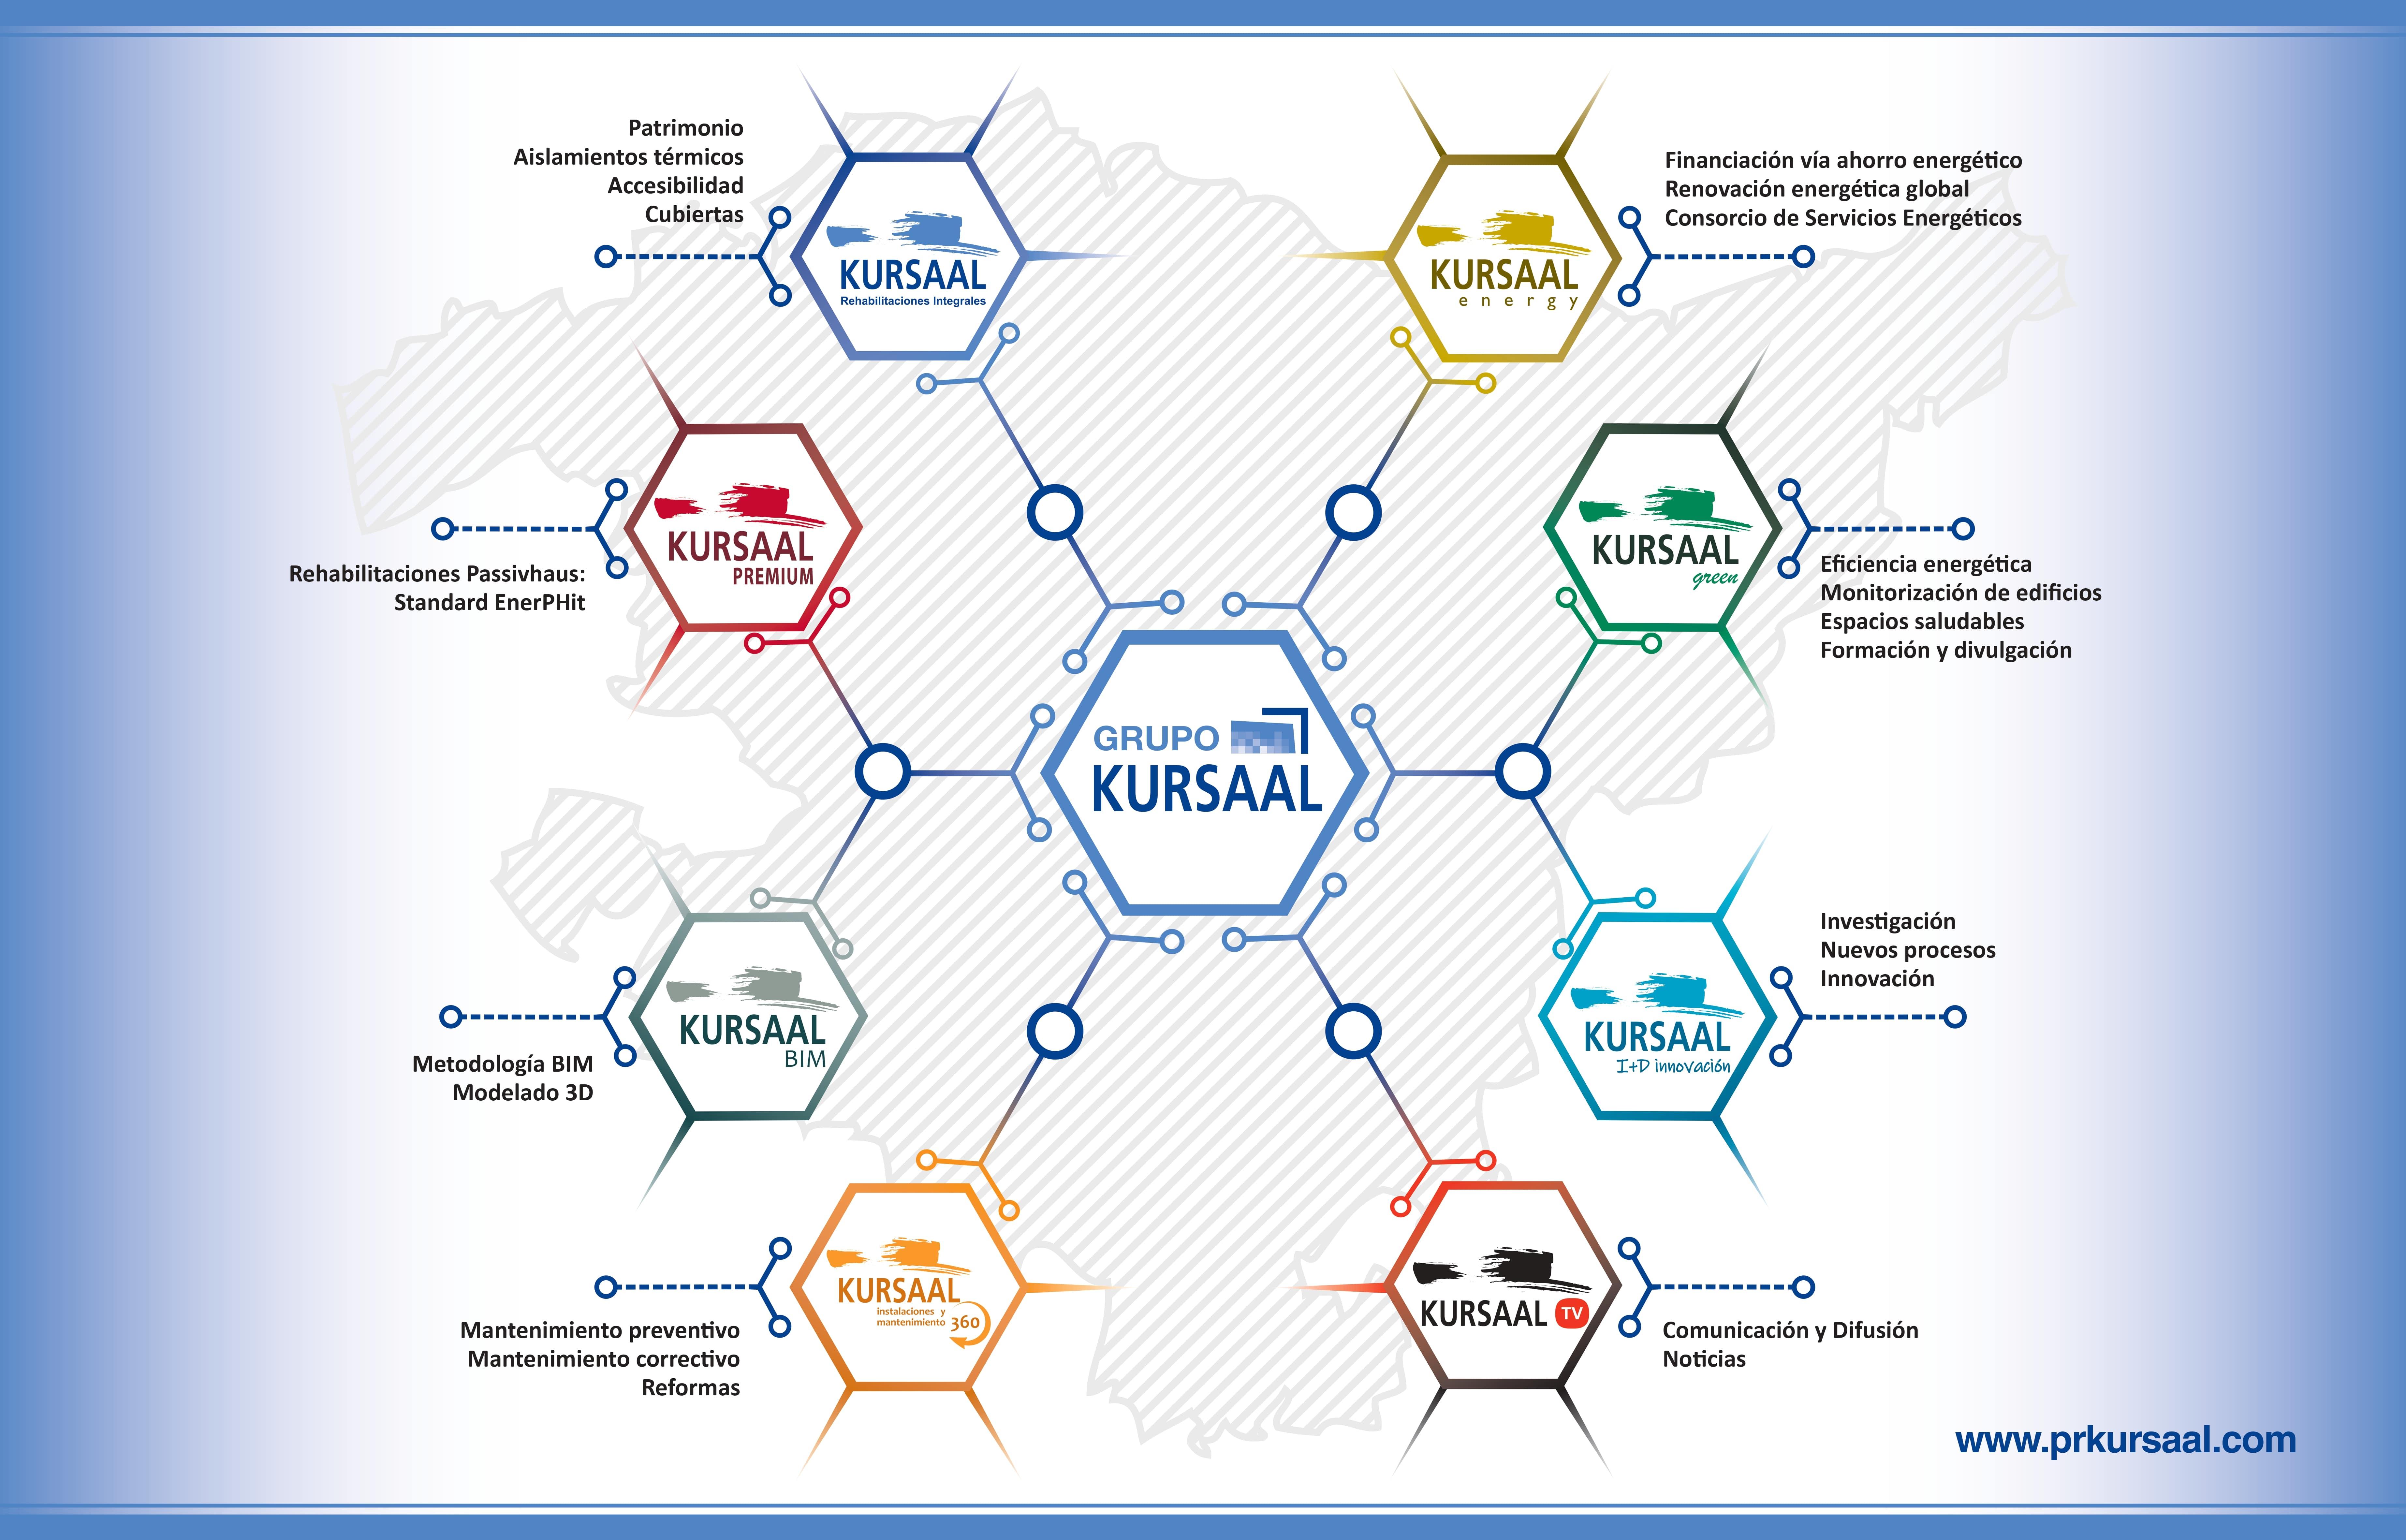 imagen 2 de noticia: kursaal-rehabilitaciones-da-el-paso-y-se-convierte-en-el-grupo-especializado-en-rehabilitacin-ms-completo-del-sector